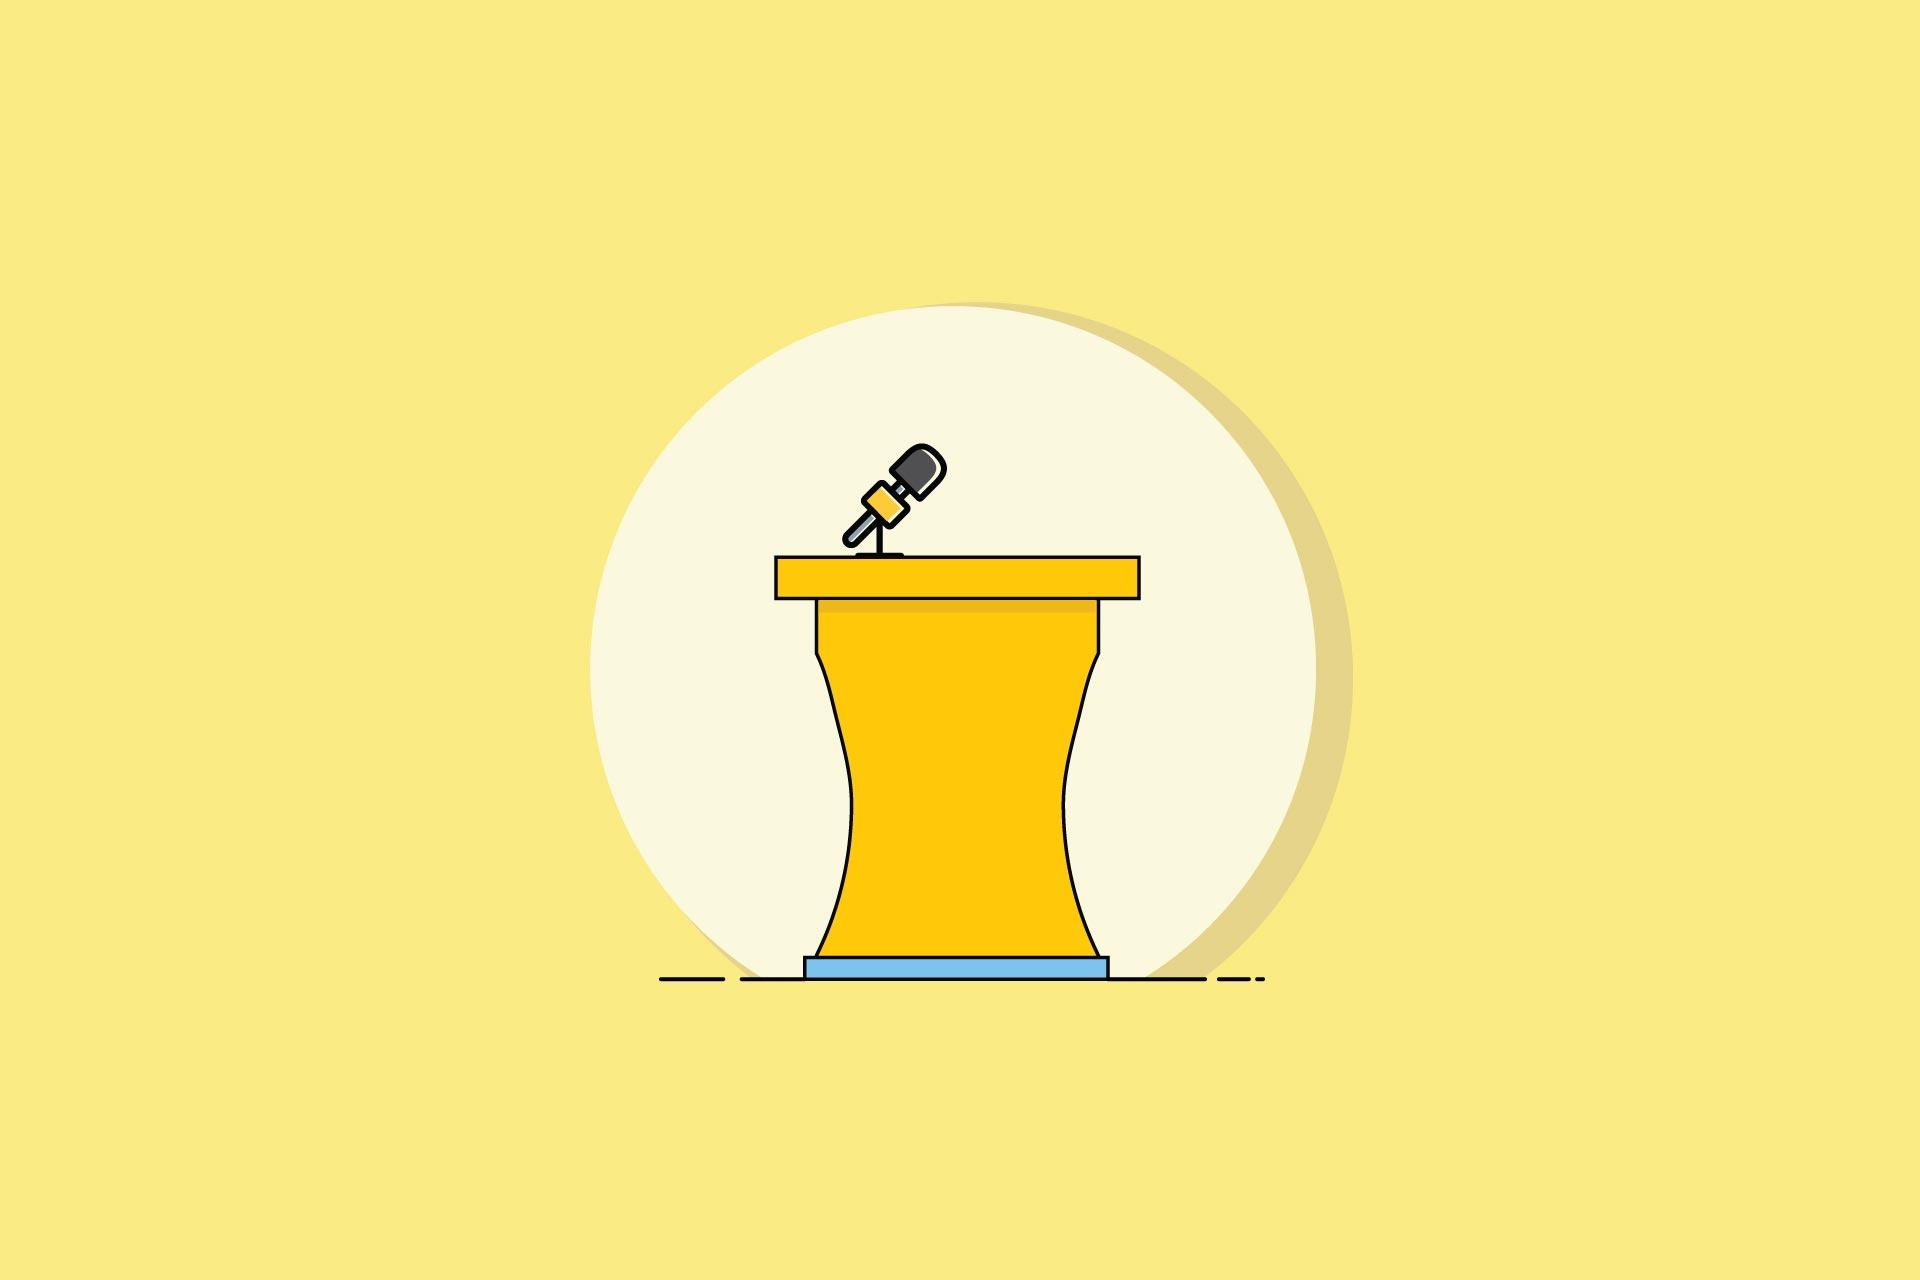 چگونه اشتباه در سخنرانی را مدیریت کنیم؟